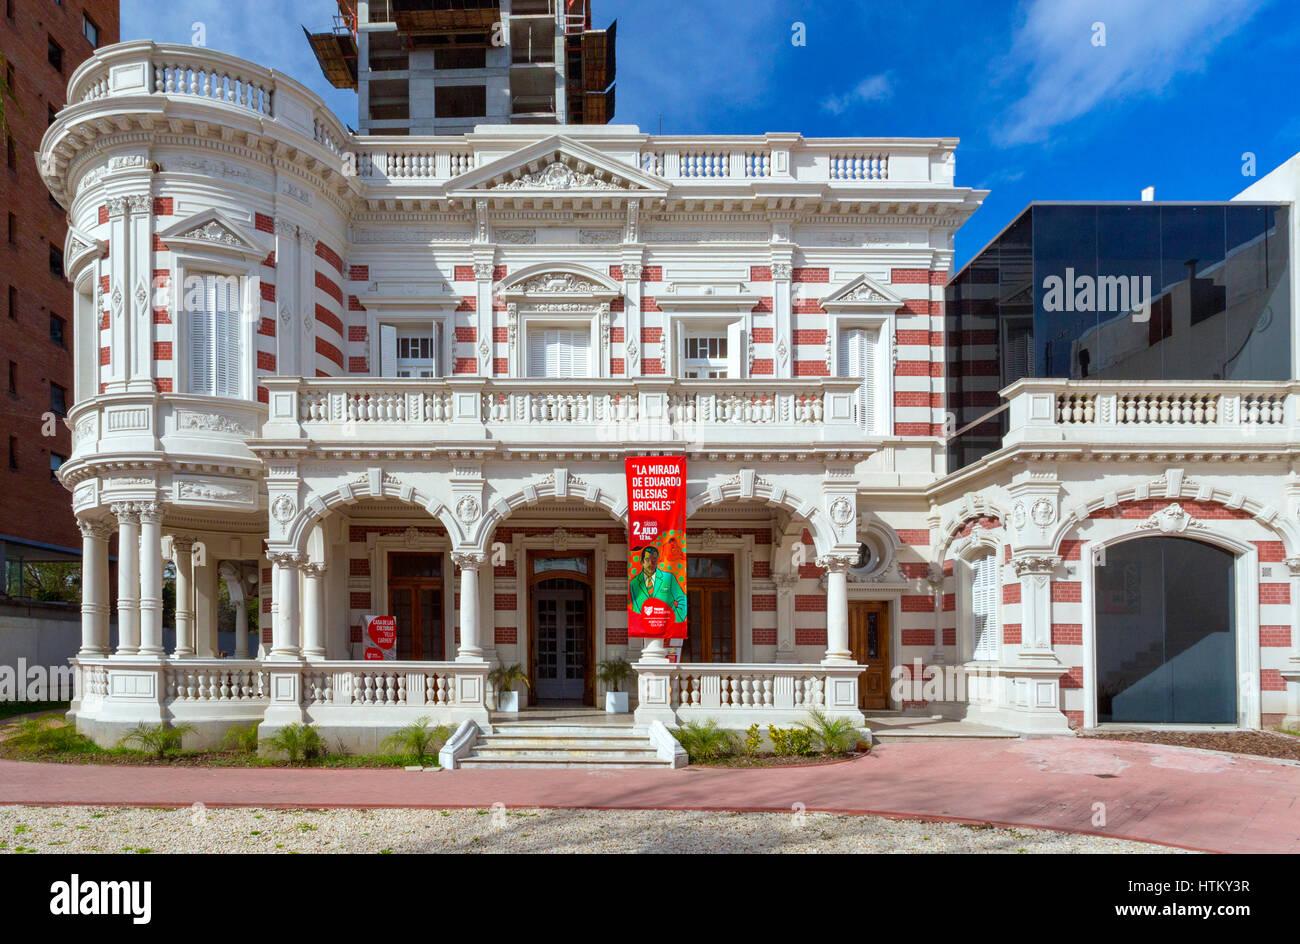 'Casa de la Cultura' Tigre, Buenos Aires, Argenitna - Stock Image